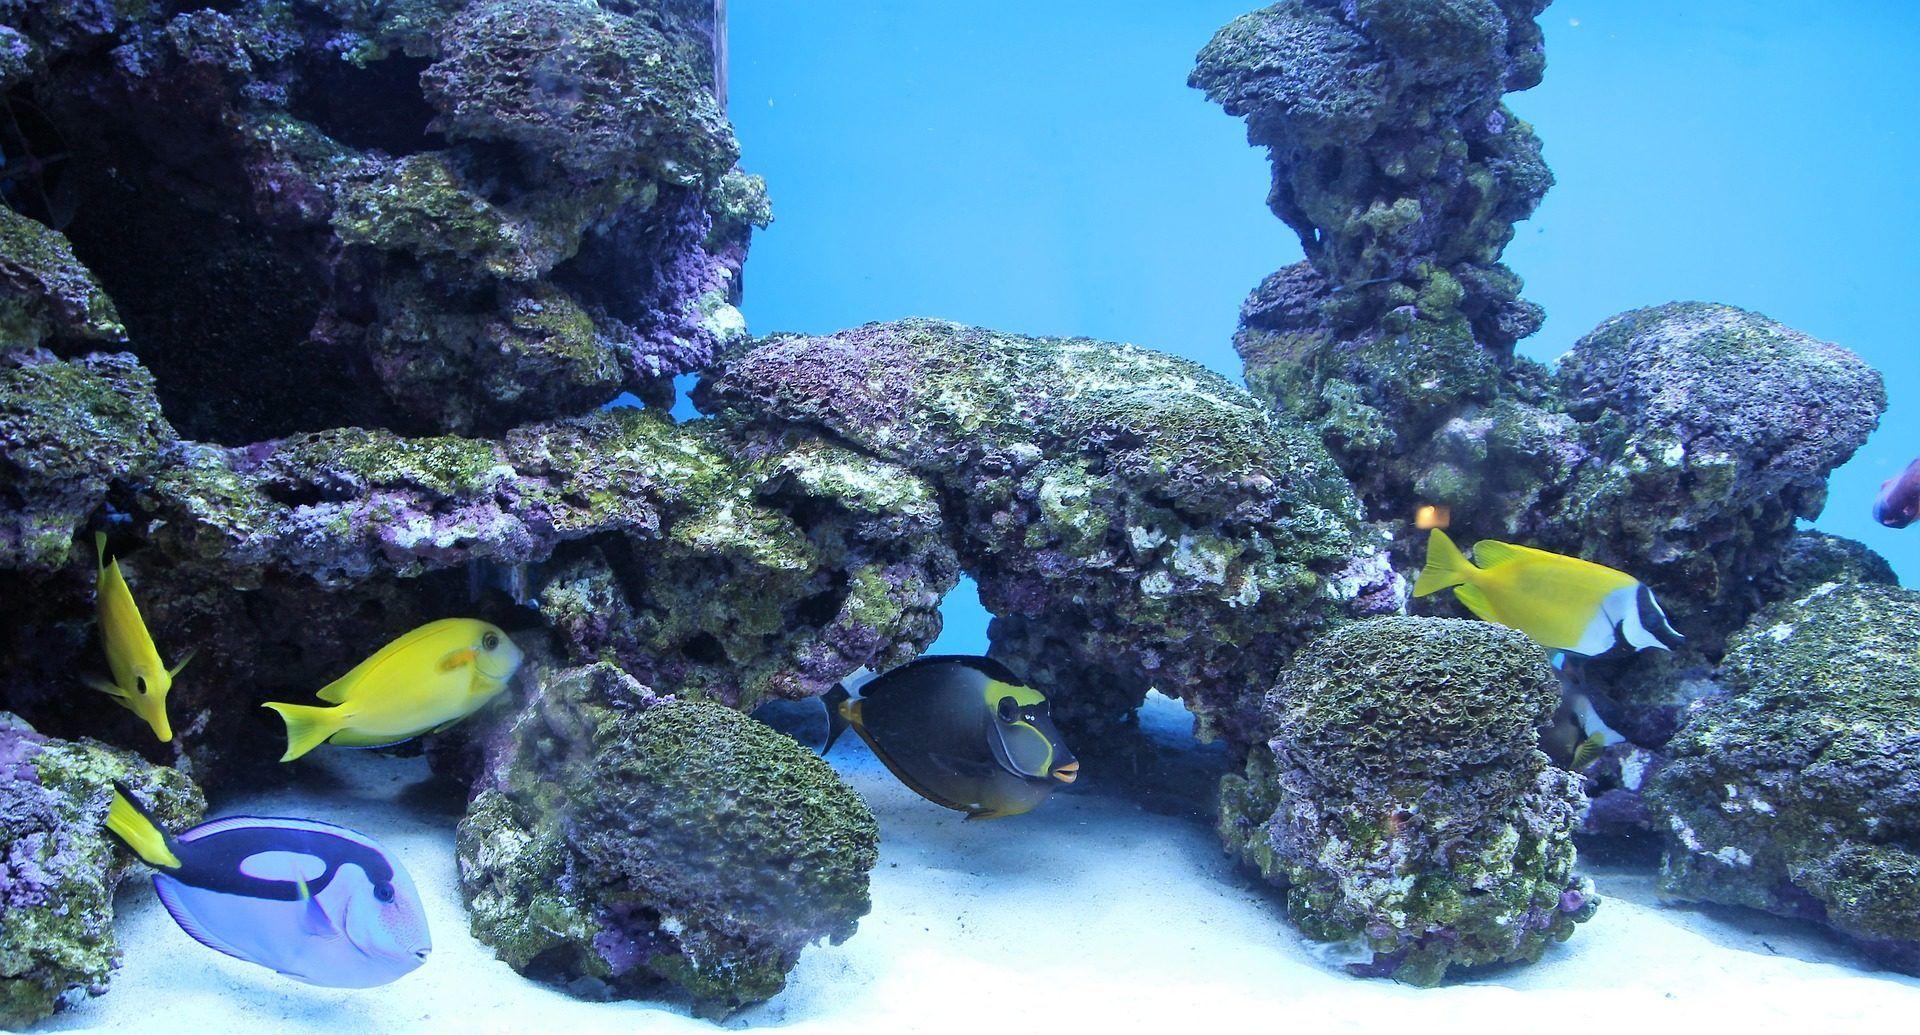 Acuario Peces Tropicales Corales Pecera Colorido 1701101029